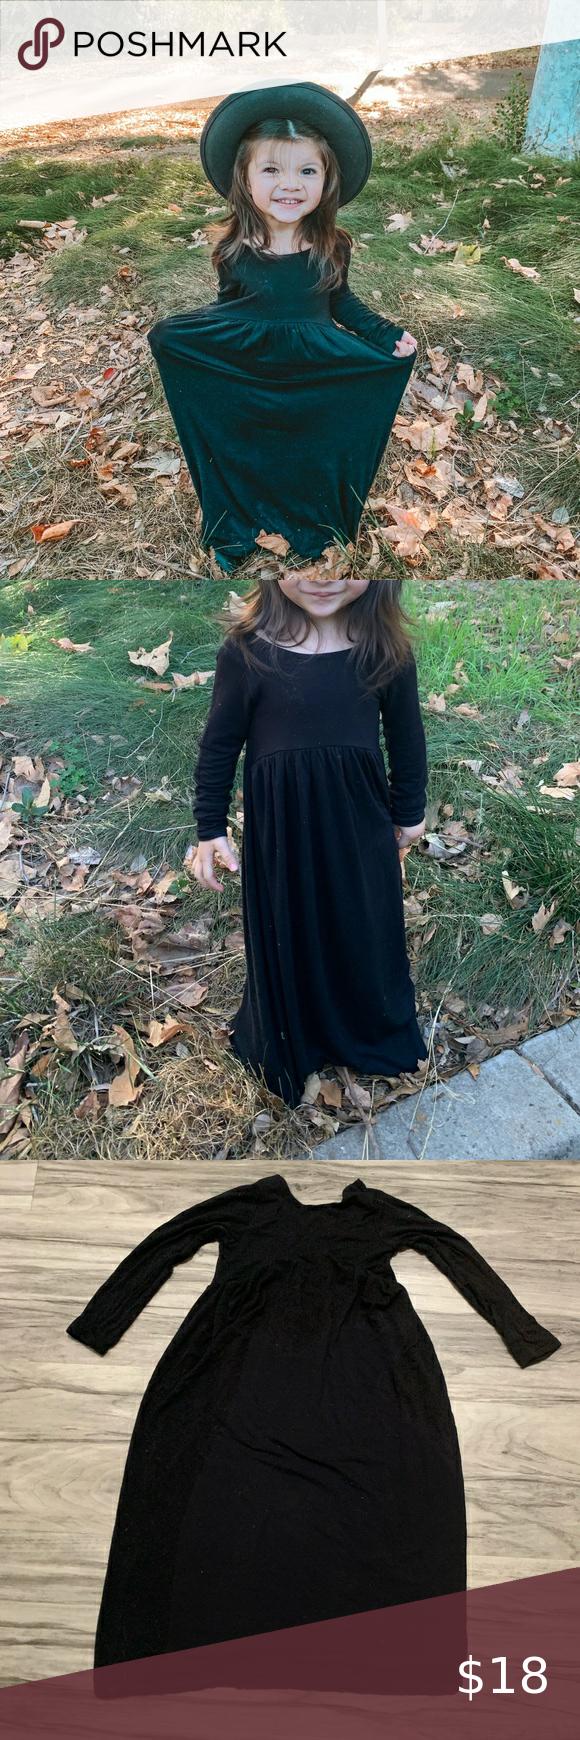 Toddler Black Maxi Dress Black Maxi Dress Maxi Dress Black Maxi [ 1740 x 580 Pixel ]